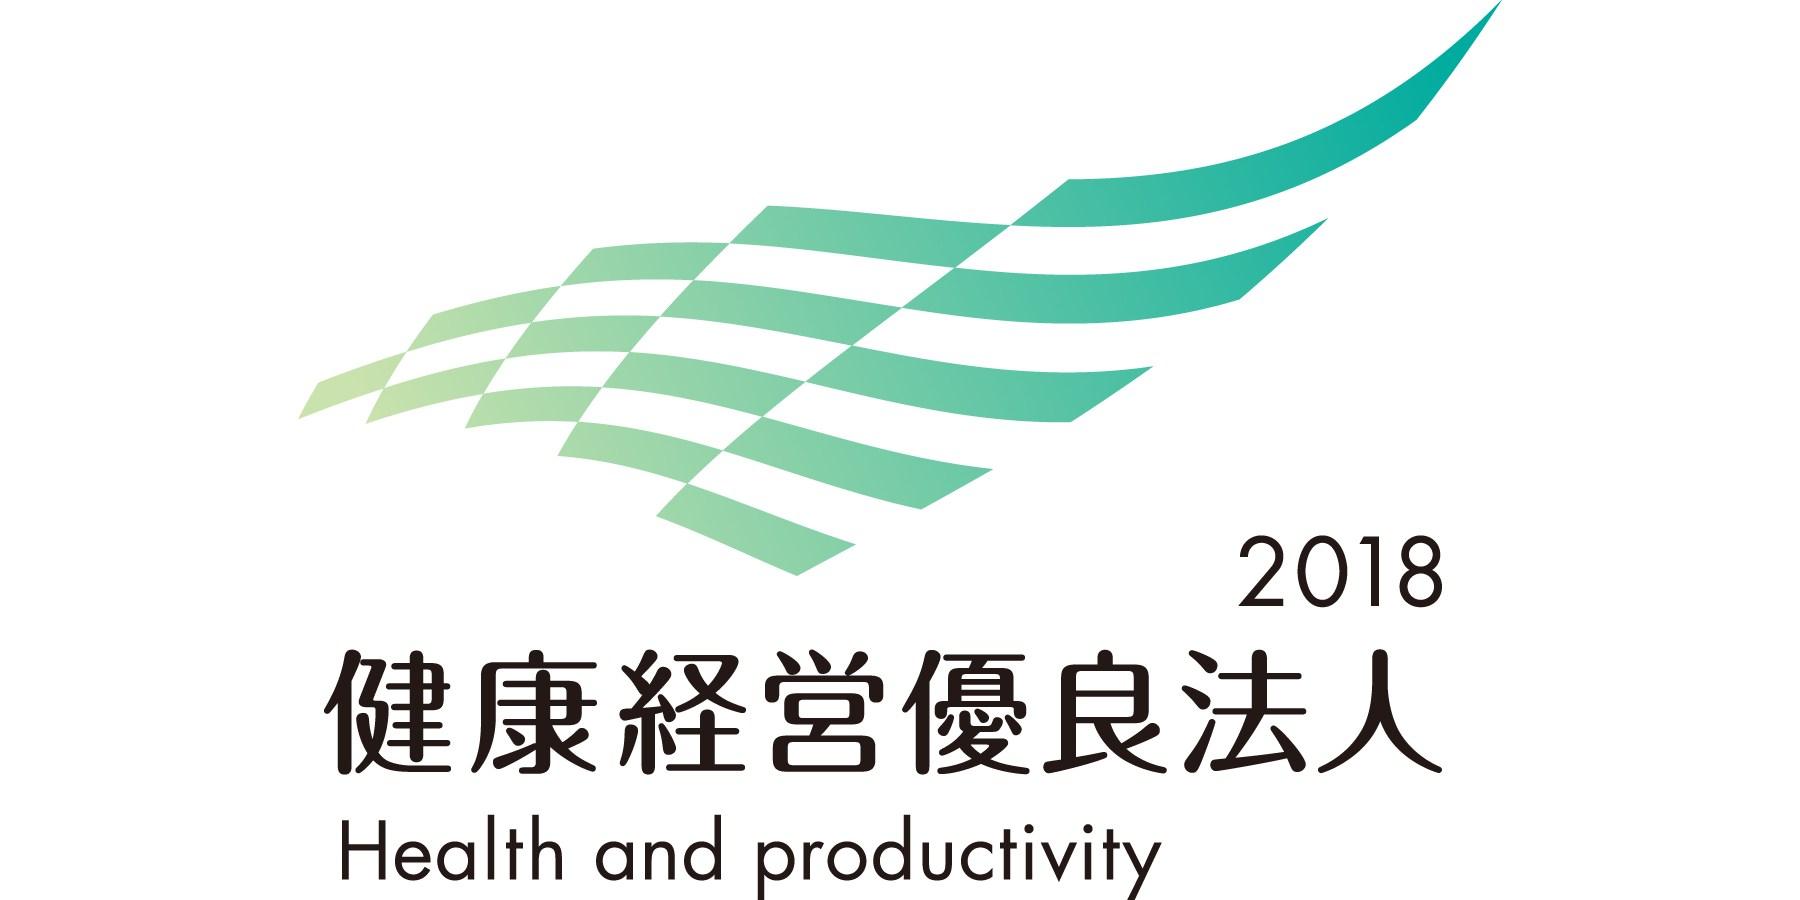 2018健康経営優良法人のロゴ